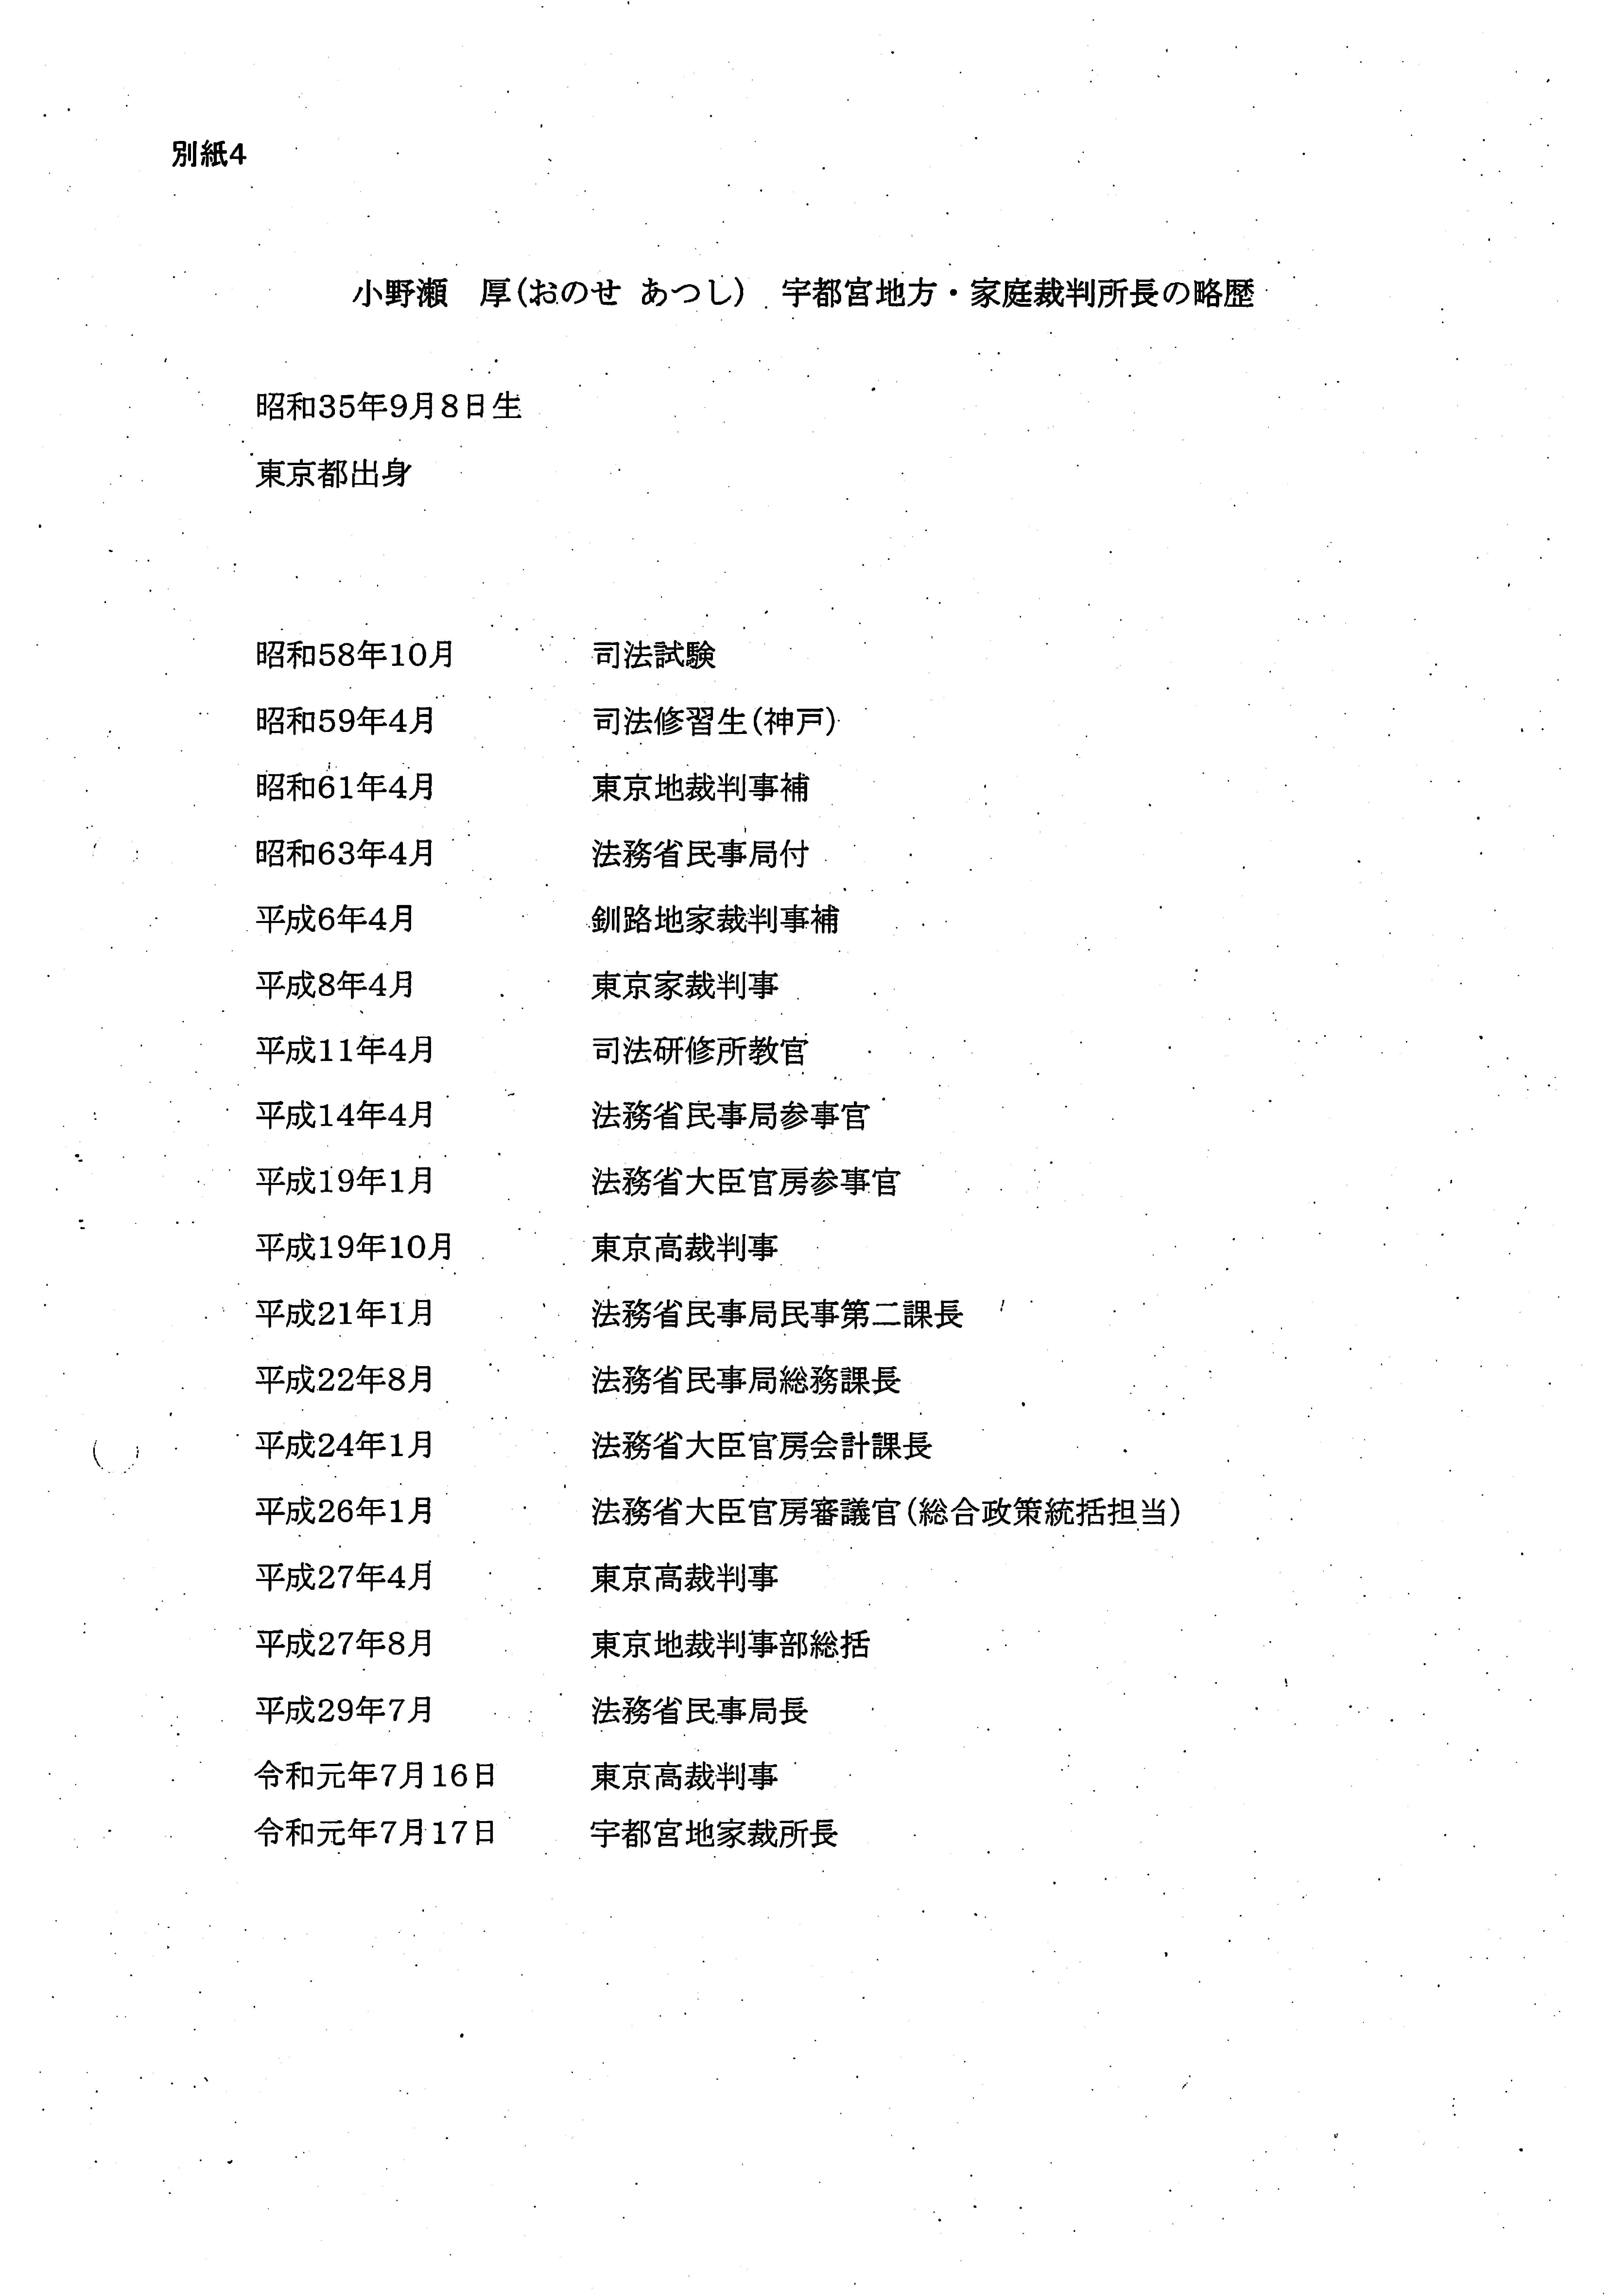 小野瀬厚 宇都宮地方・家庭裁判所長の略歴(令和元年7月17日時点 ...